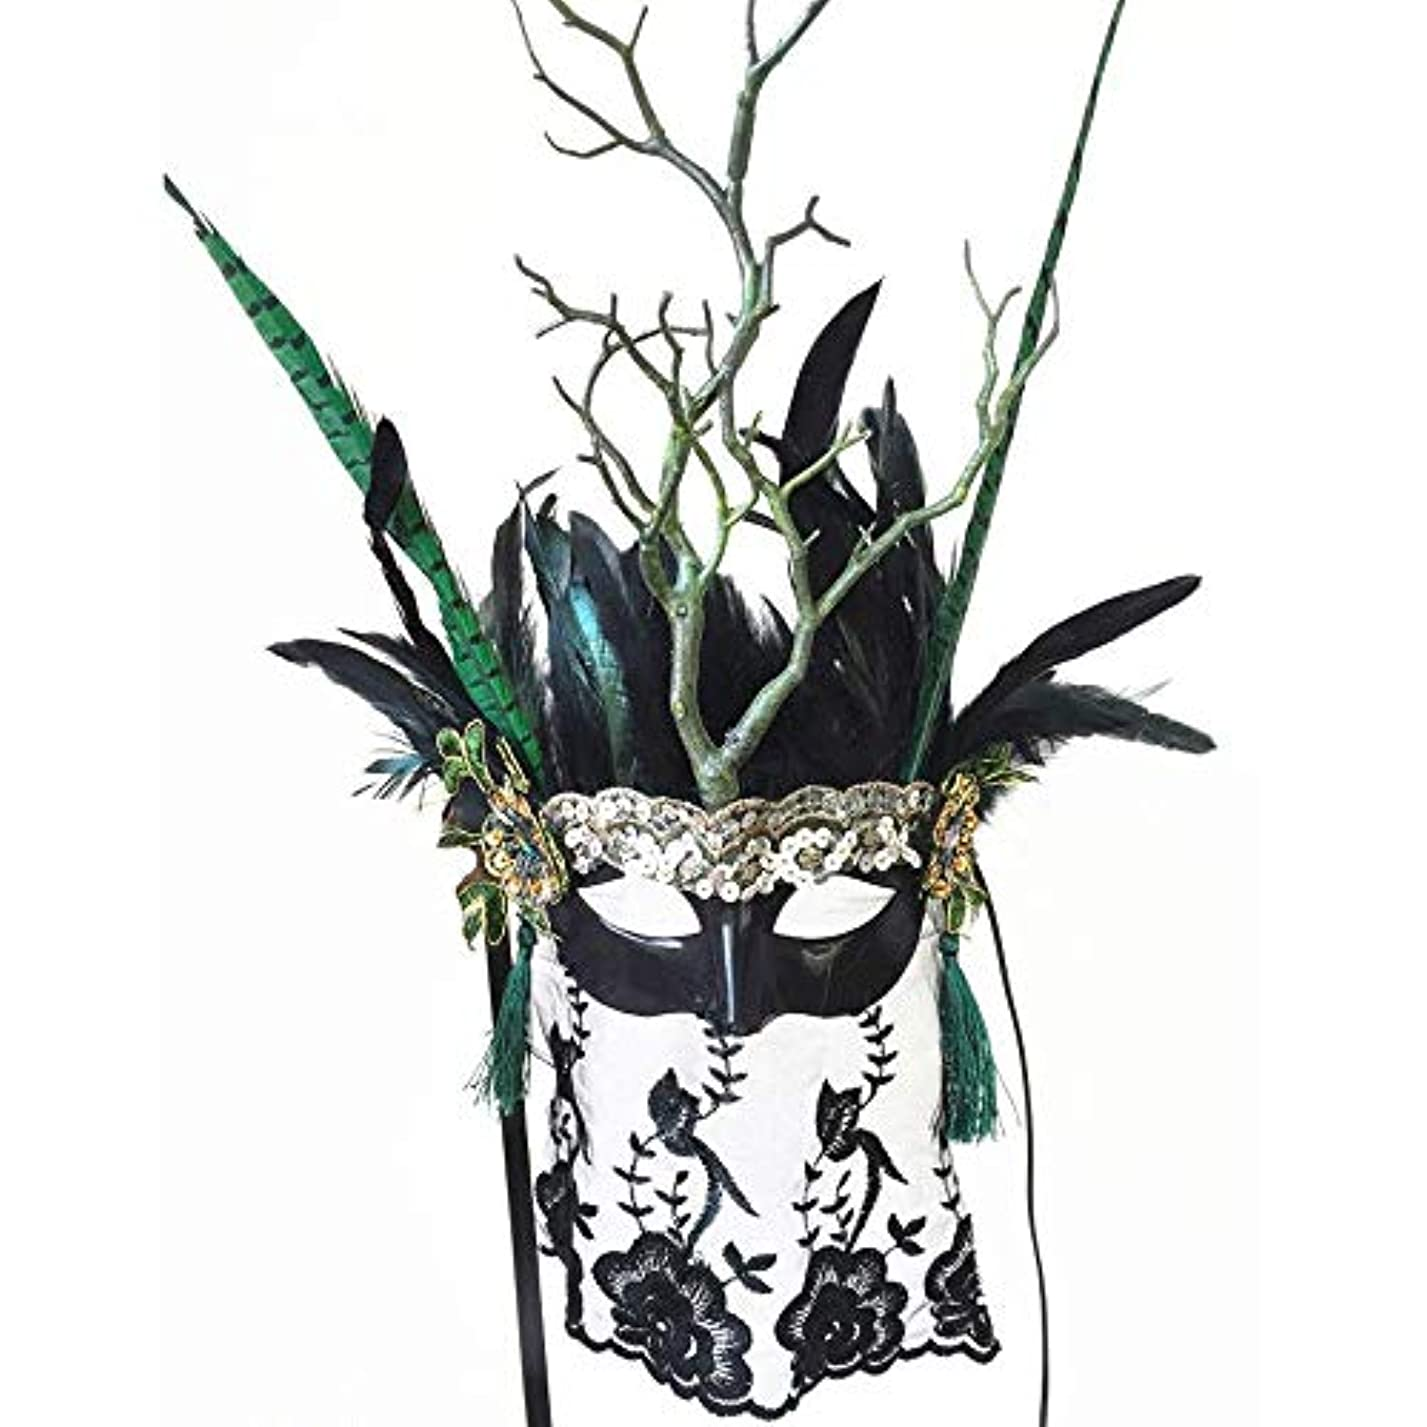 大臣右パプアニューギニアNanle ハロウィーンクリスマスドライブランチレースフェザースパンコールタッセルベールマスク仮装マスクレディミスプリンセス美しさの祭りパーティー装飾マスク (色 : Style A)